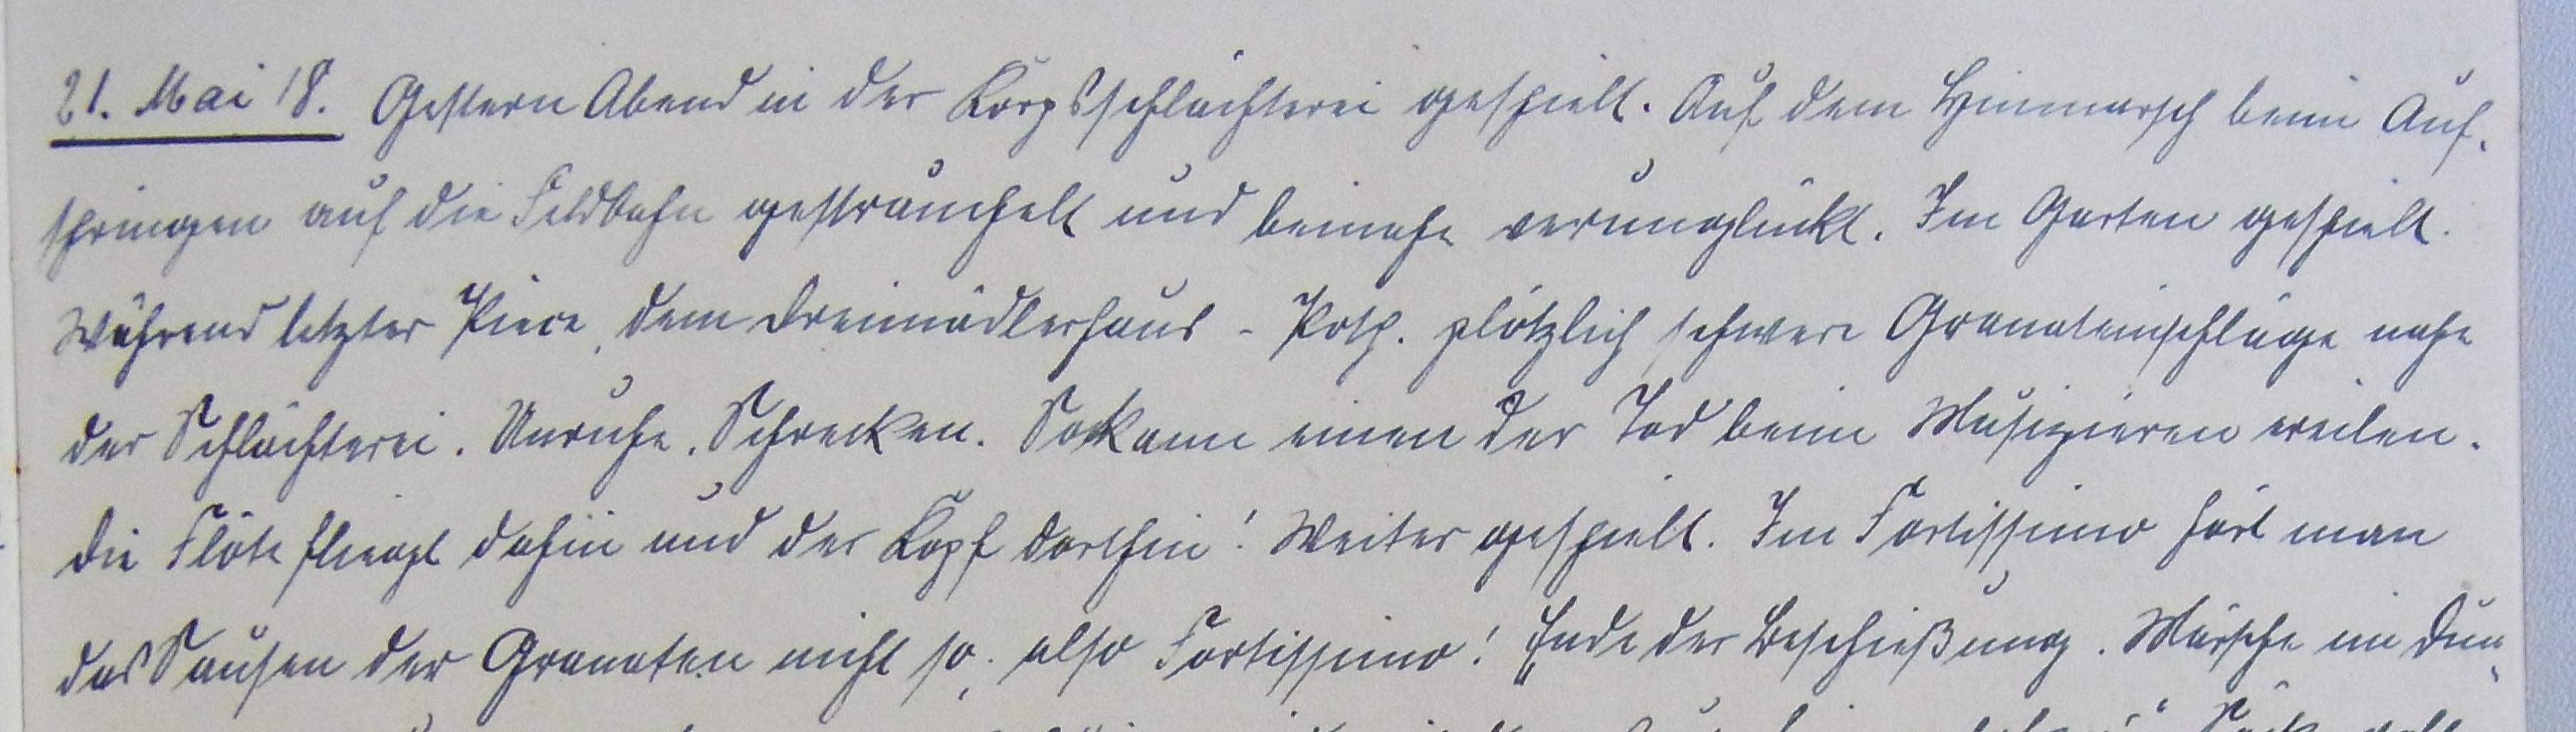 Das Zitat vom 21. Mai 1918 im Tagebuch des Pankraz G.